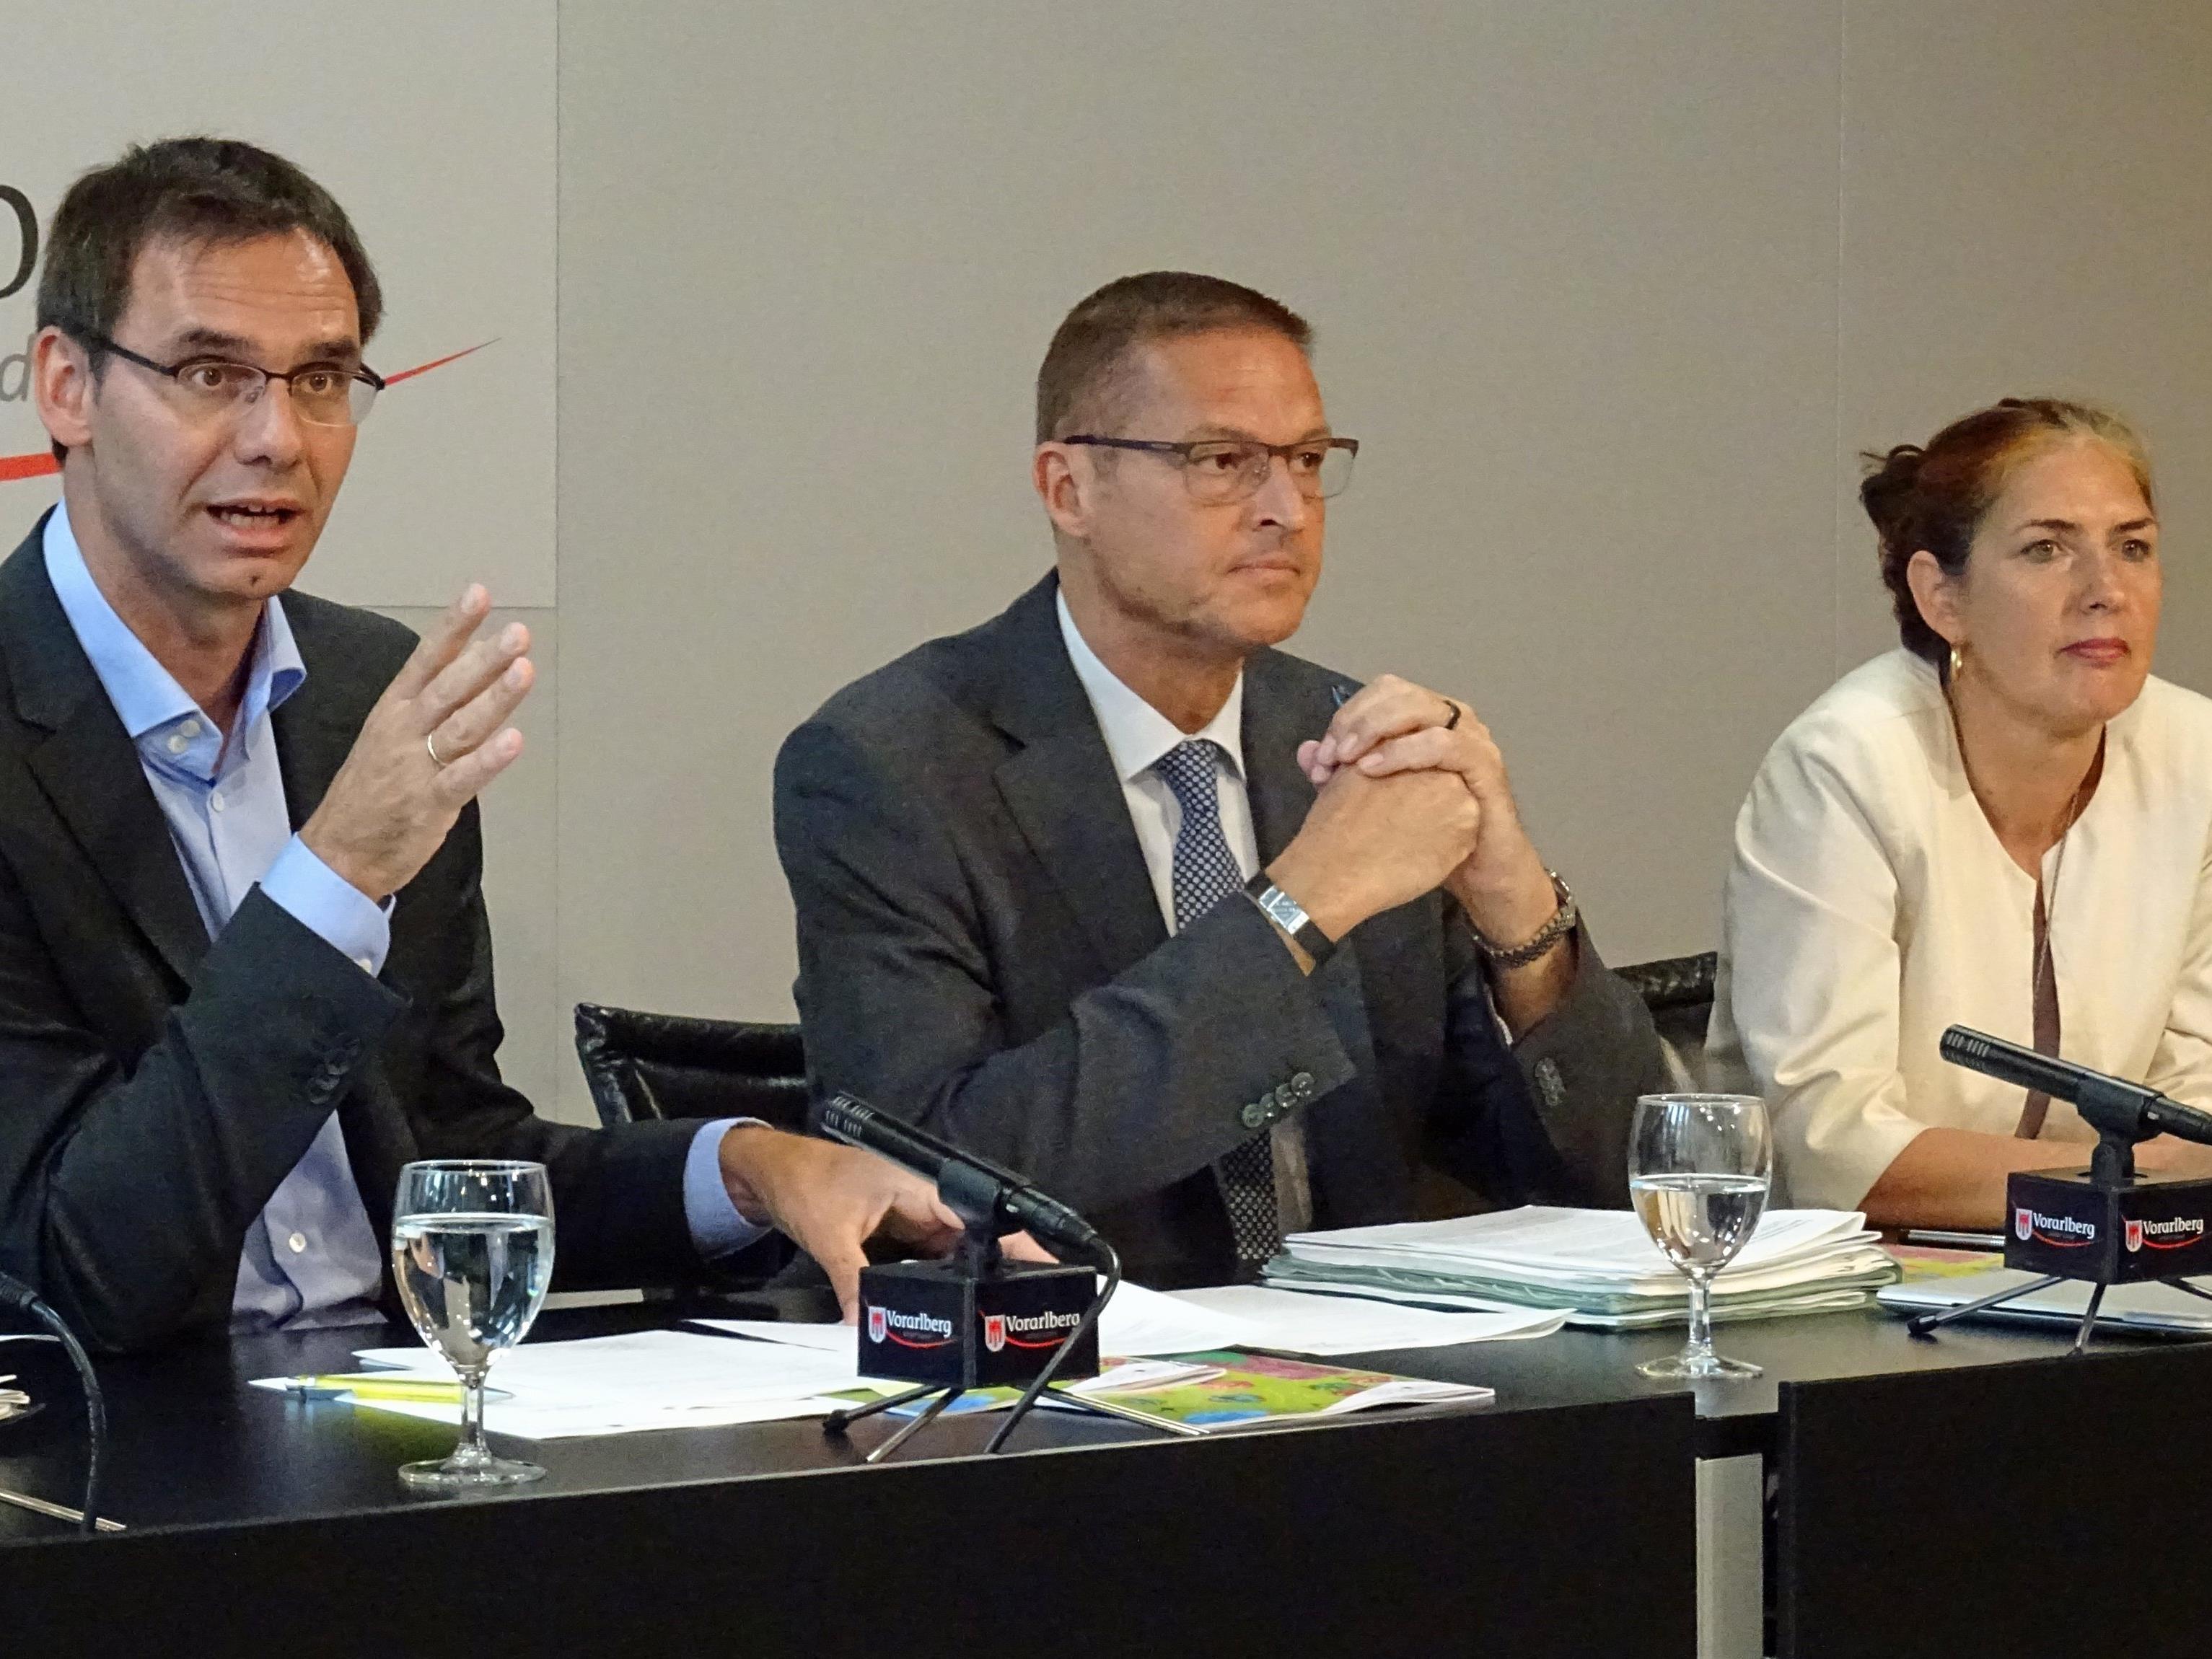 LH Wallner und LR Bernhard: Ziel ist ein selbstverständliches Miteinander von Menschen mit und ohne Behinderung.